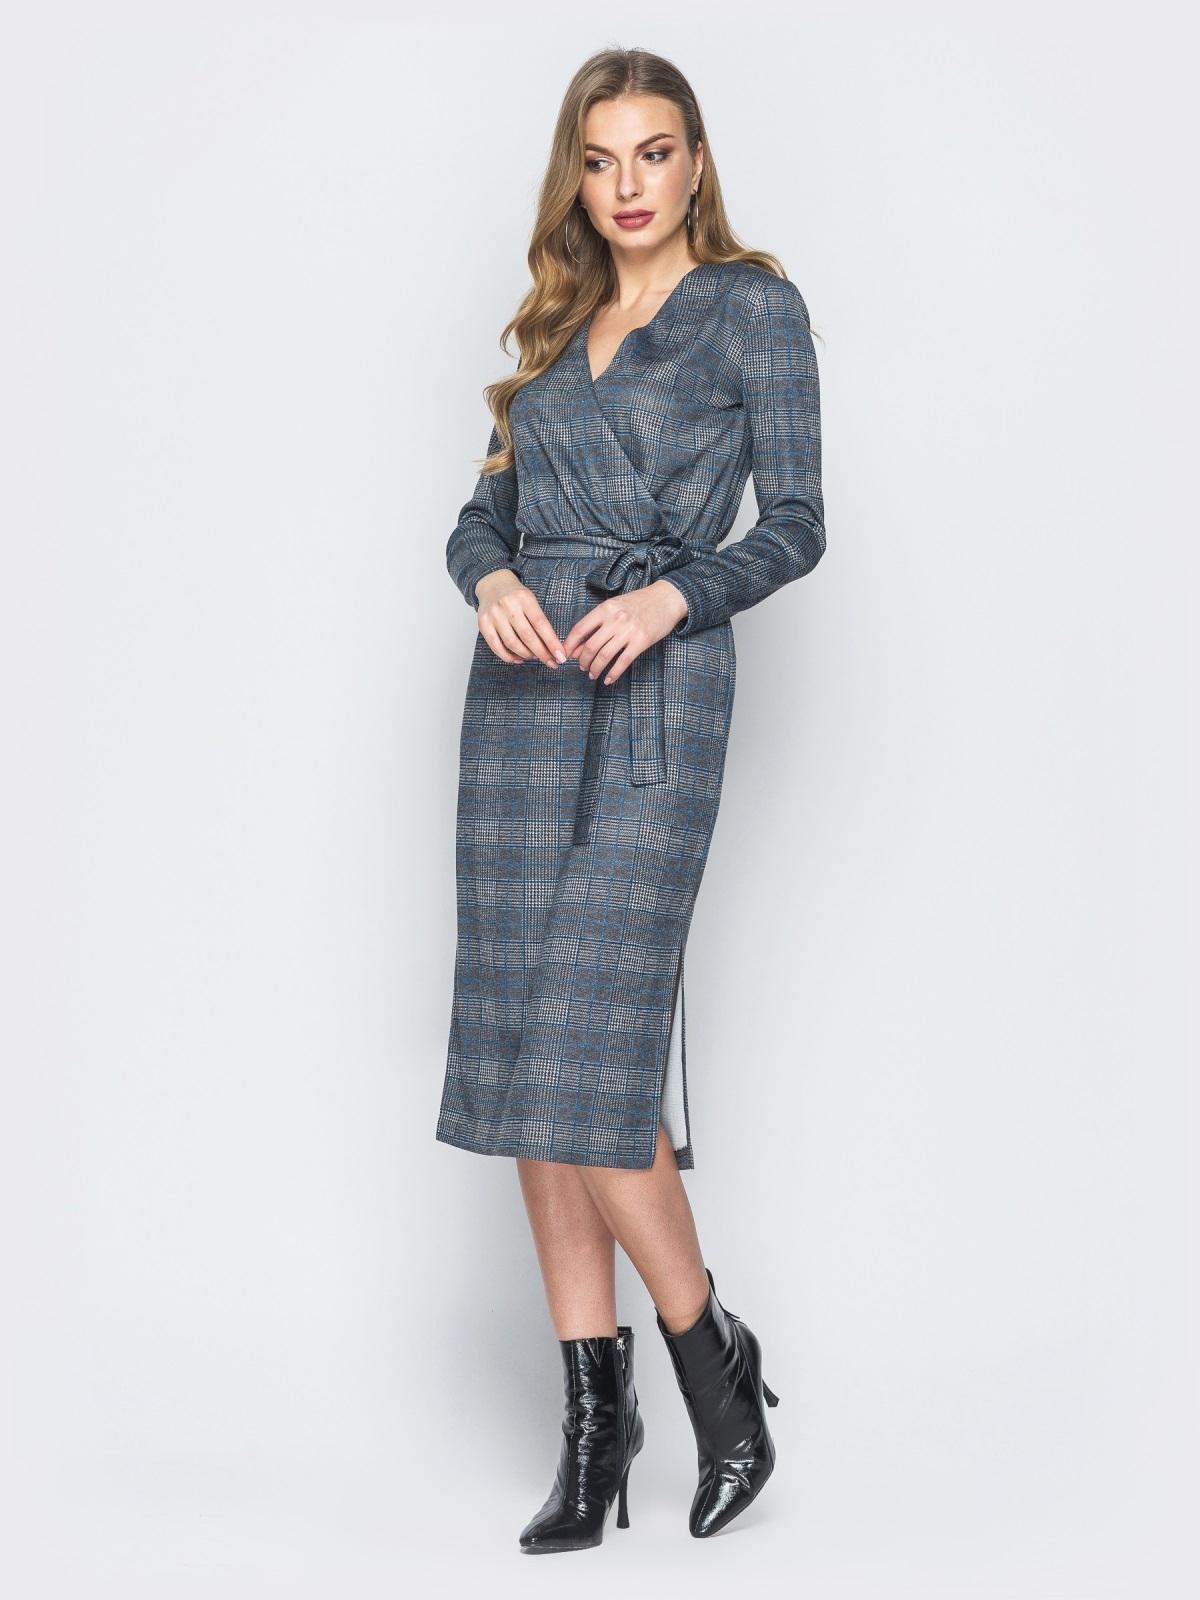 Серое платье в клетку с фиксированным запахом - 18778, фото 1 – интернет-магазин Dressa